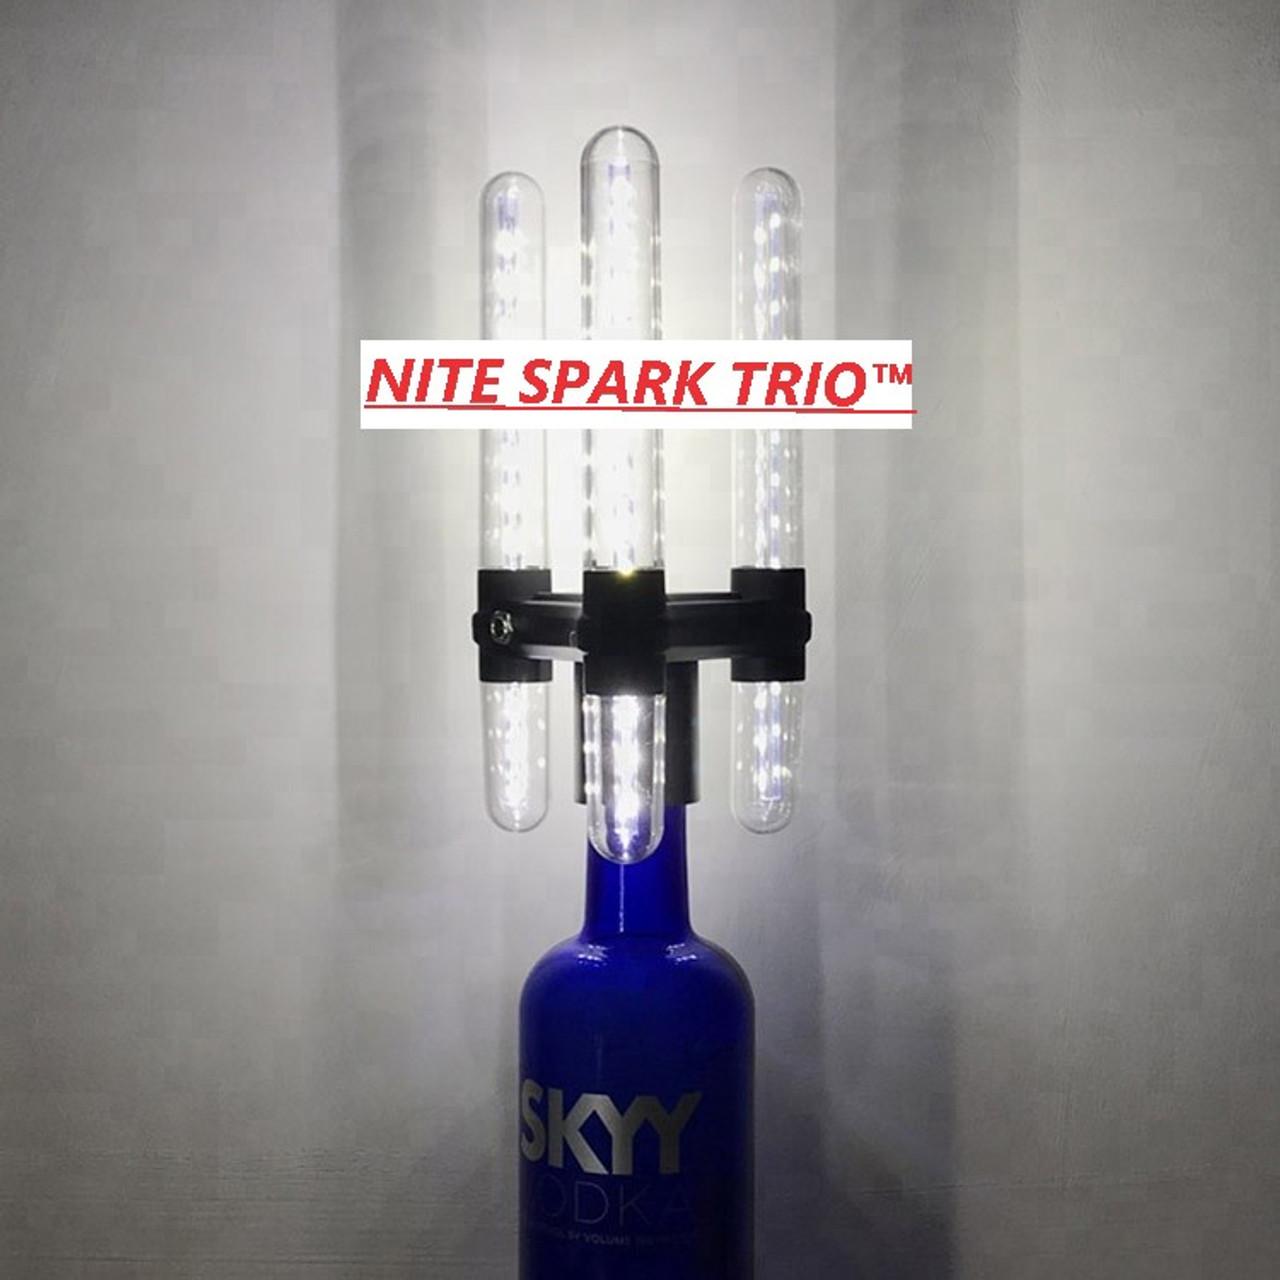 NITE SPARK TRIO